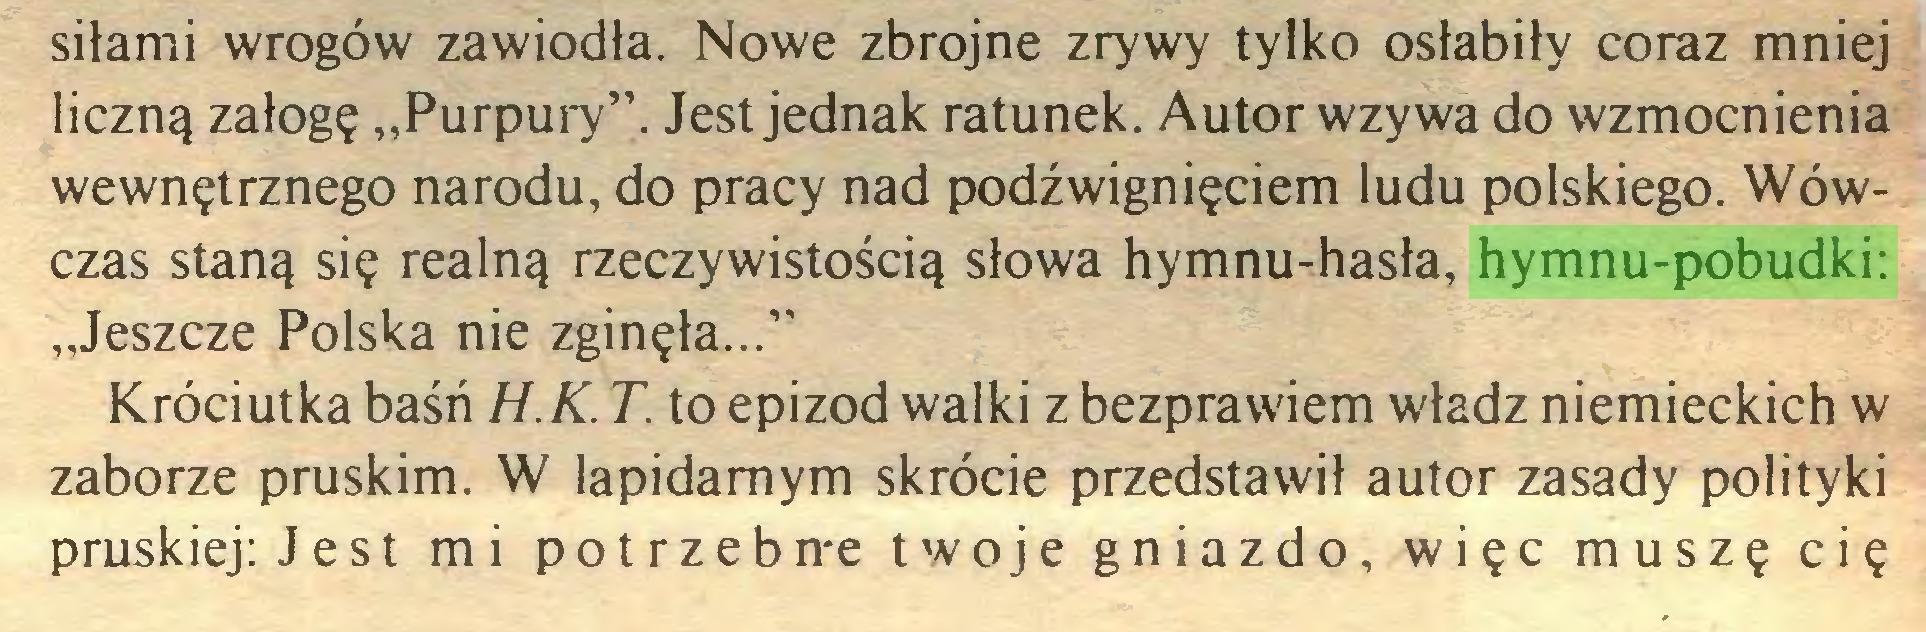 """(...) siłami wrogów zawiodła. Nowe zbrojne zrywy tylko osłabiły coraz mniej liczną załogę """"Purpury"""". Jest jednak ratunek. Autor wzywa do wzmocnienia wewnętrznego narodu, do pracy nad podźwignięciem ludu polskiego. Wówczas staną się realną rzeczywistością słowa hymnu-hasła, hymnu-pobudki: """"Jeszcze Polska nie zginęła..."""" Króciutka baśń H.K. T. to epizod walki z bezprawiem władz niemieckich w zaborze pruskim. W lapidarnym skrócie przedstawił autor zasady polityki pruskiej: J e st mi potrzeb n-e twoje gniazdo, więc muszę cię..."""